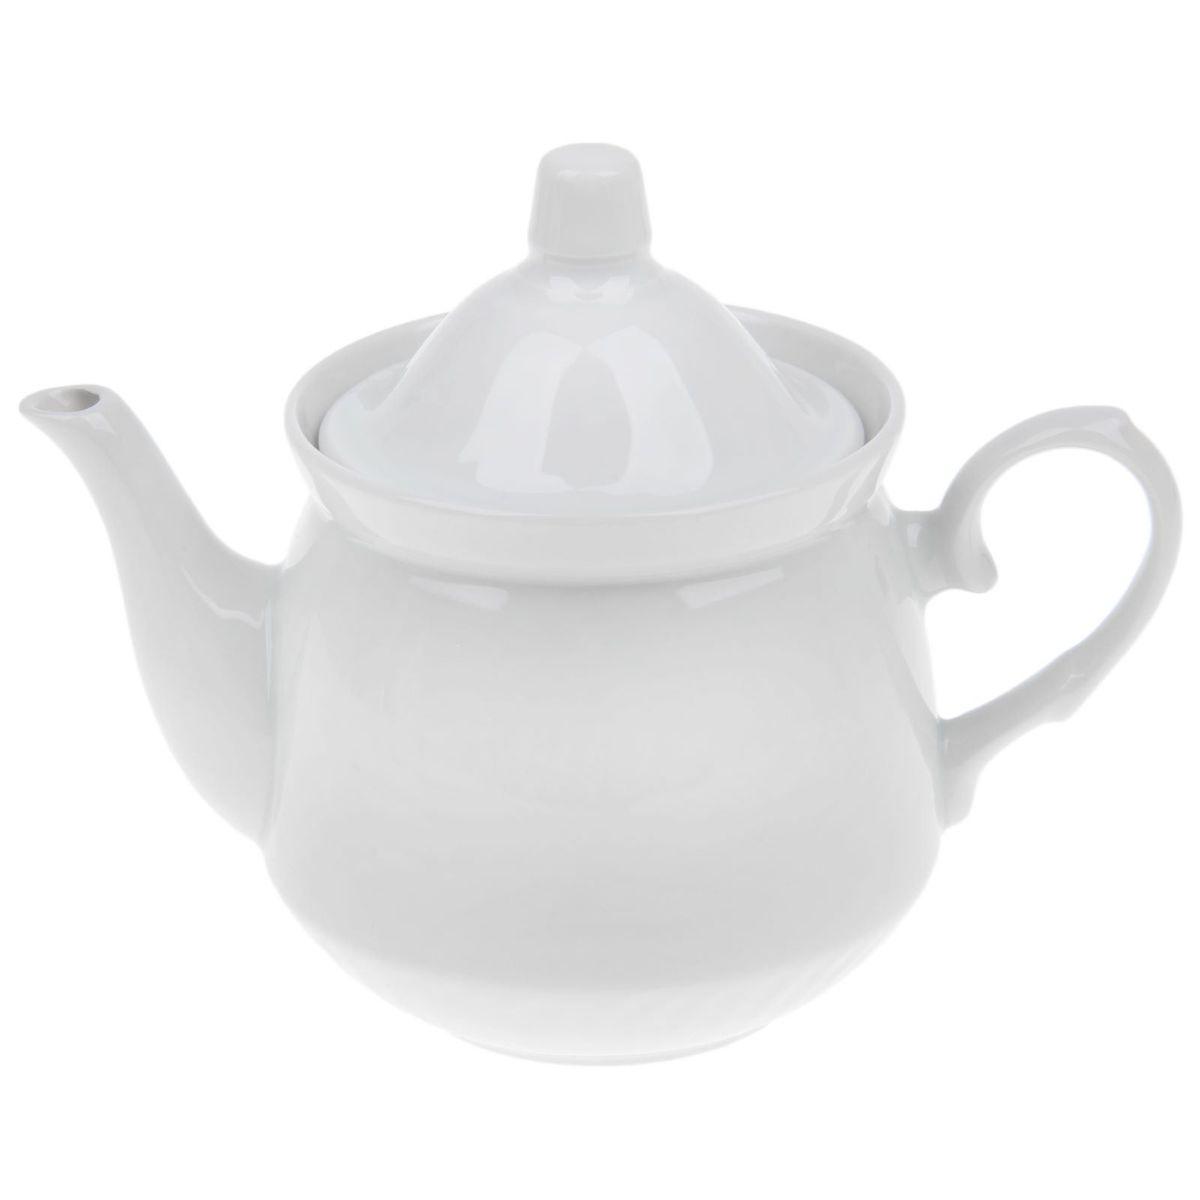 Чайник Кирмаш. Белье, 550 мл1303950